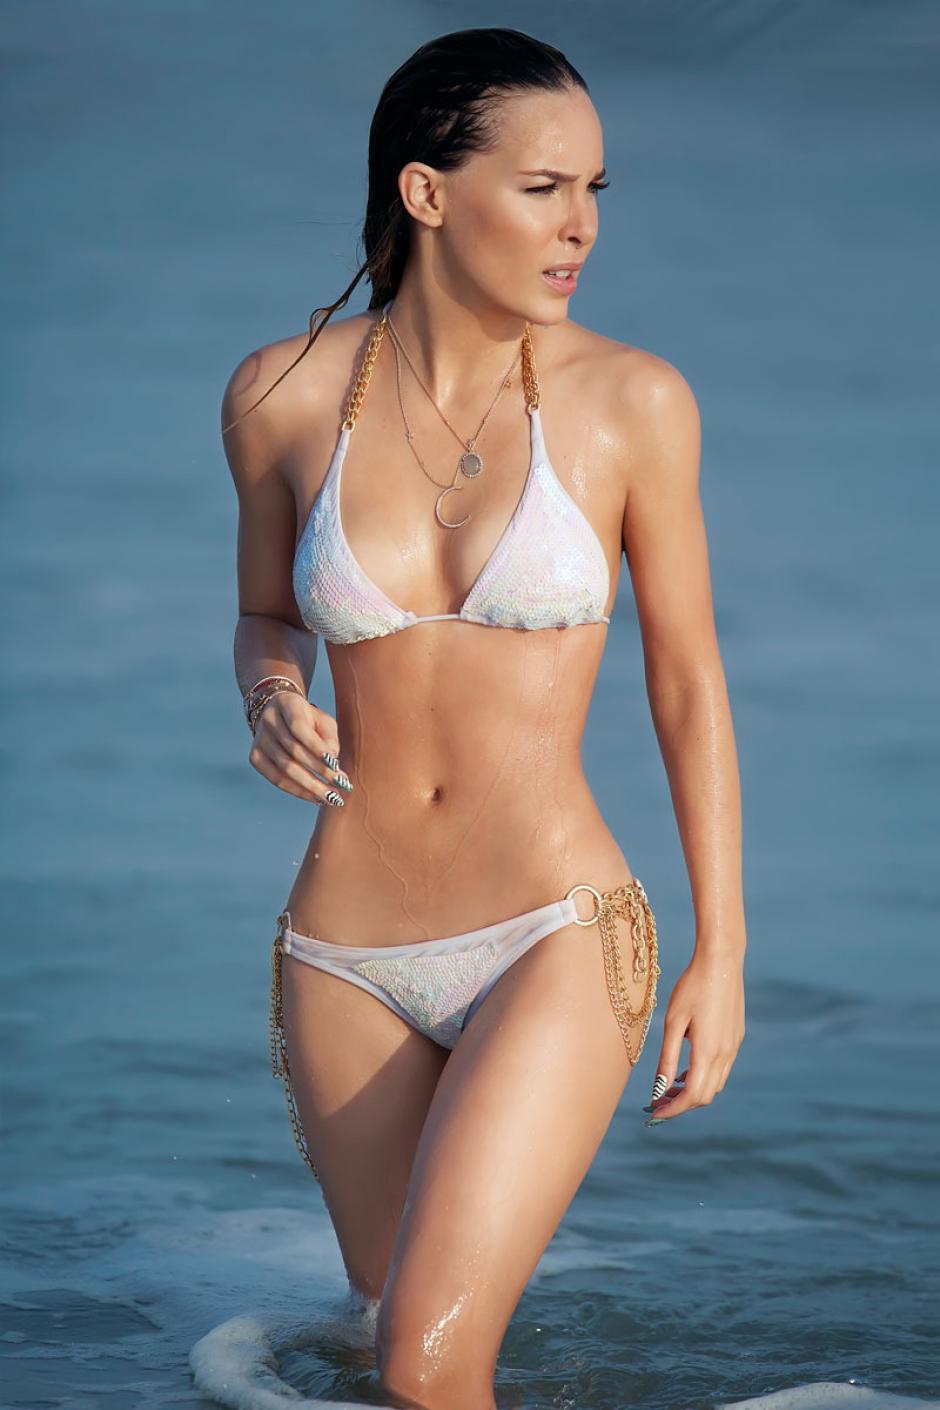 Belinda no pasa desapercibida en ninguna parte, menos en la playa. (Foto: El Factor X)